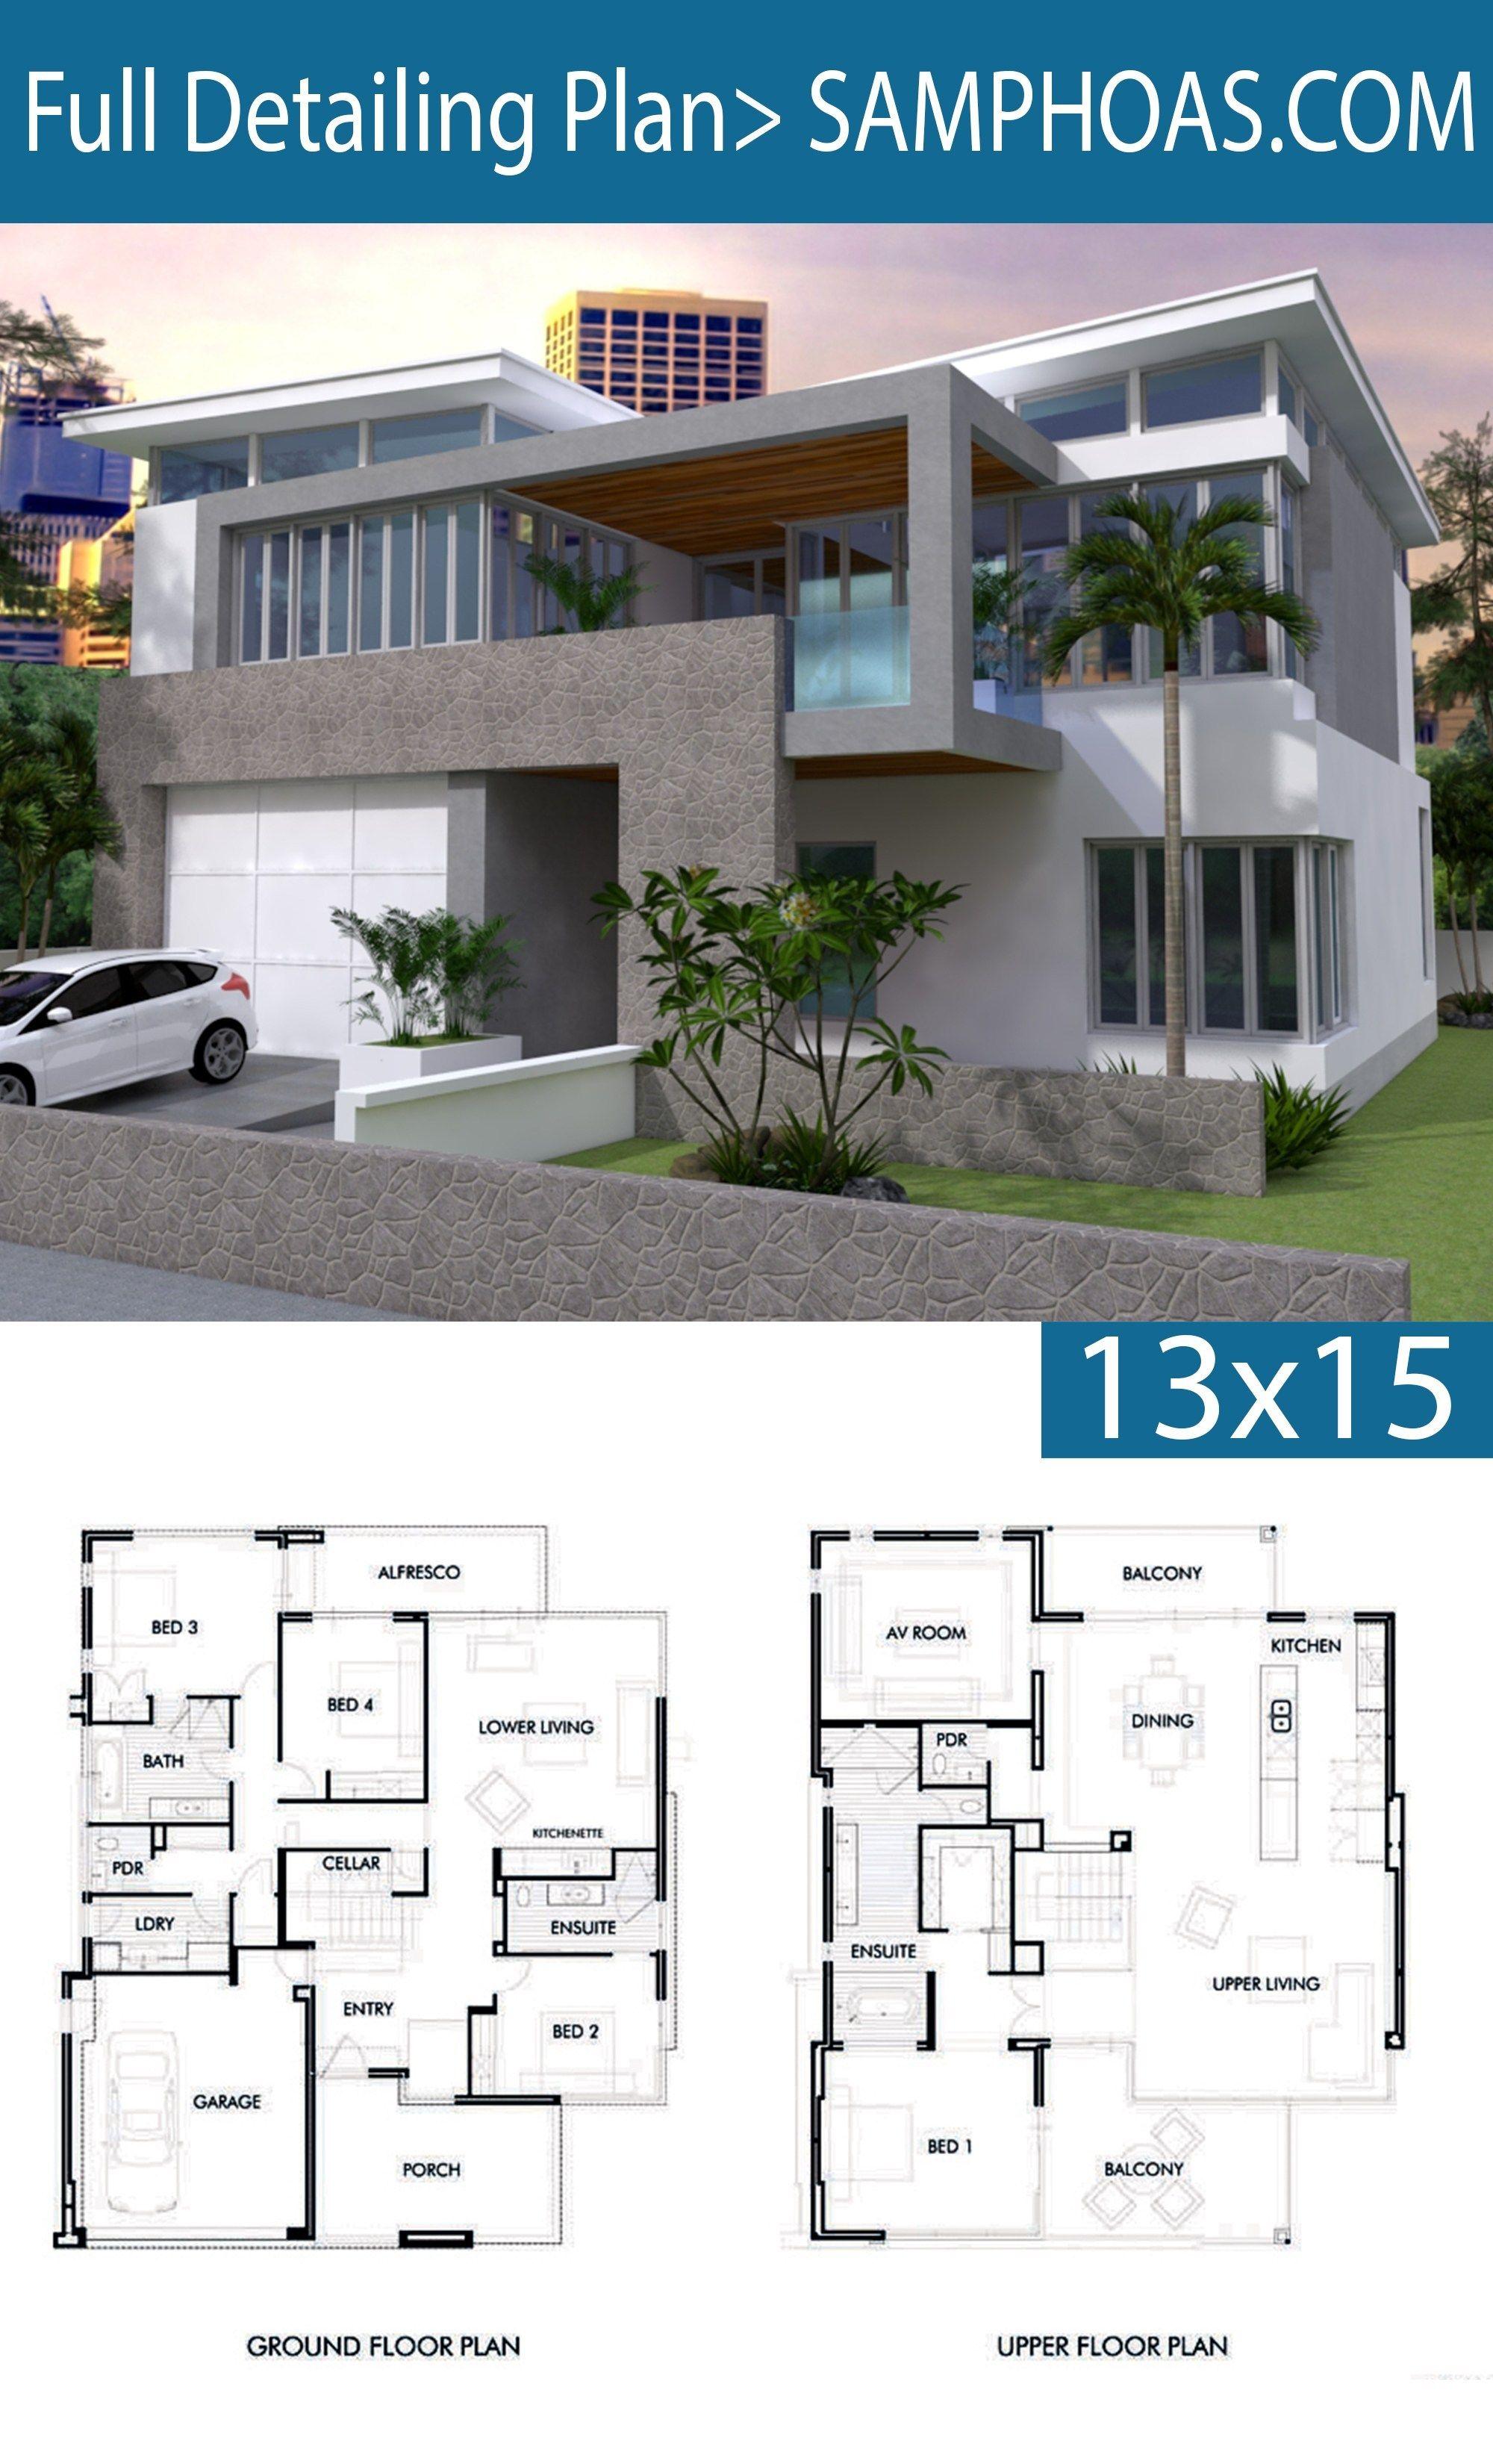 4 Bedrooms House Plan 13x15m Plan Architecture Maison Maison